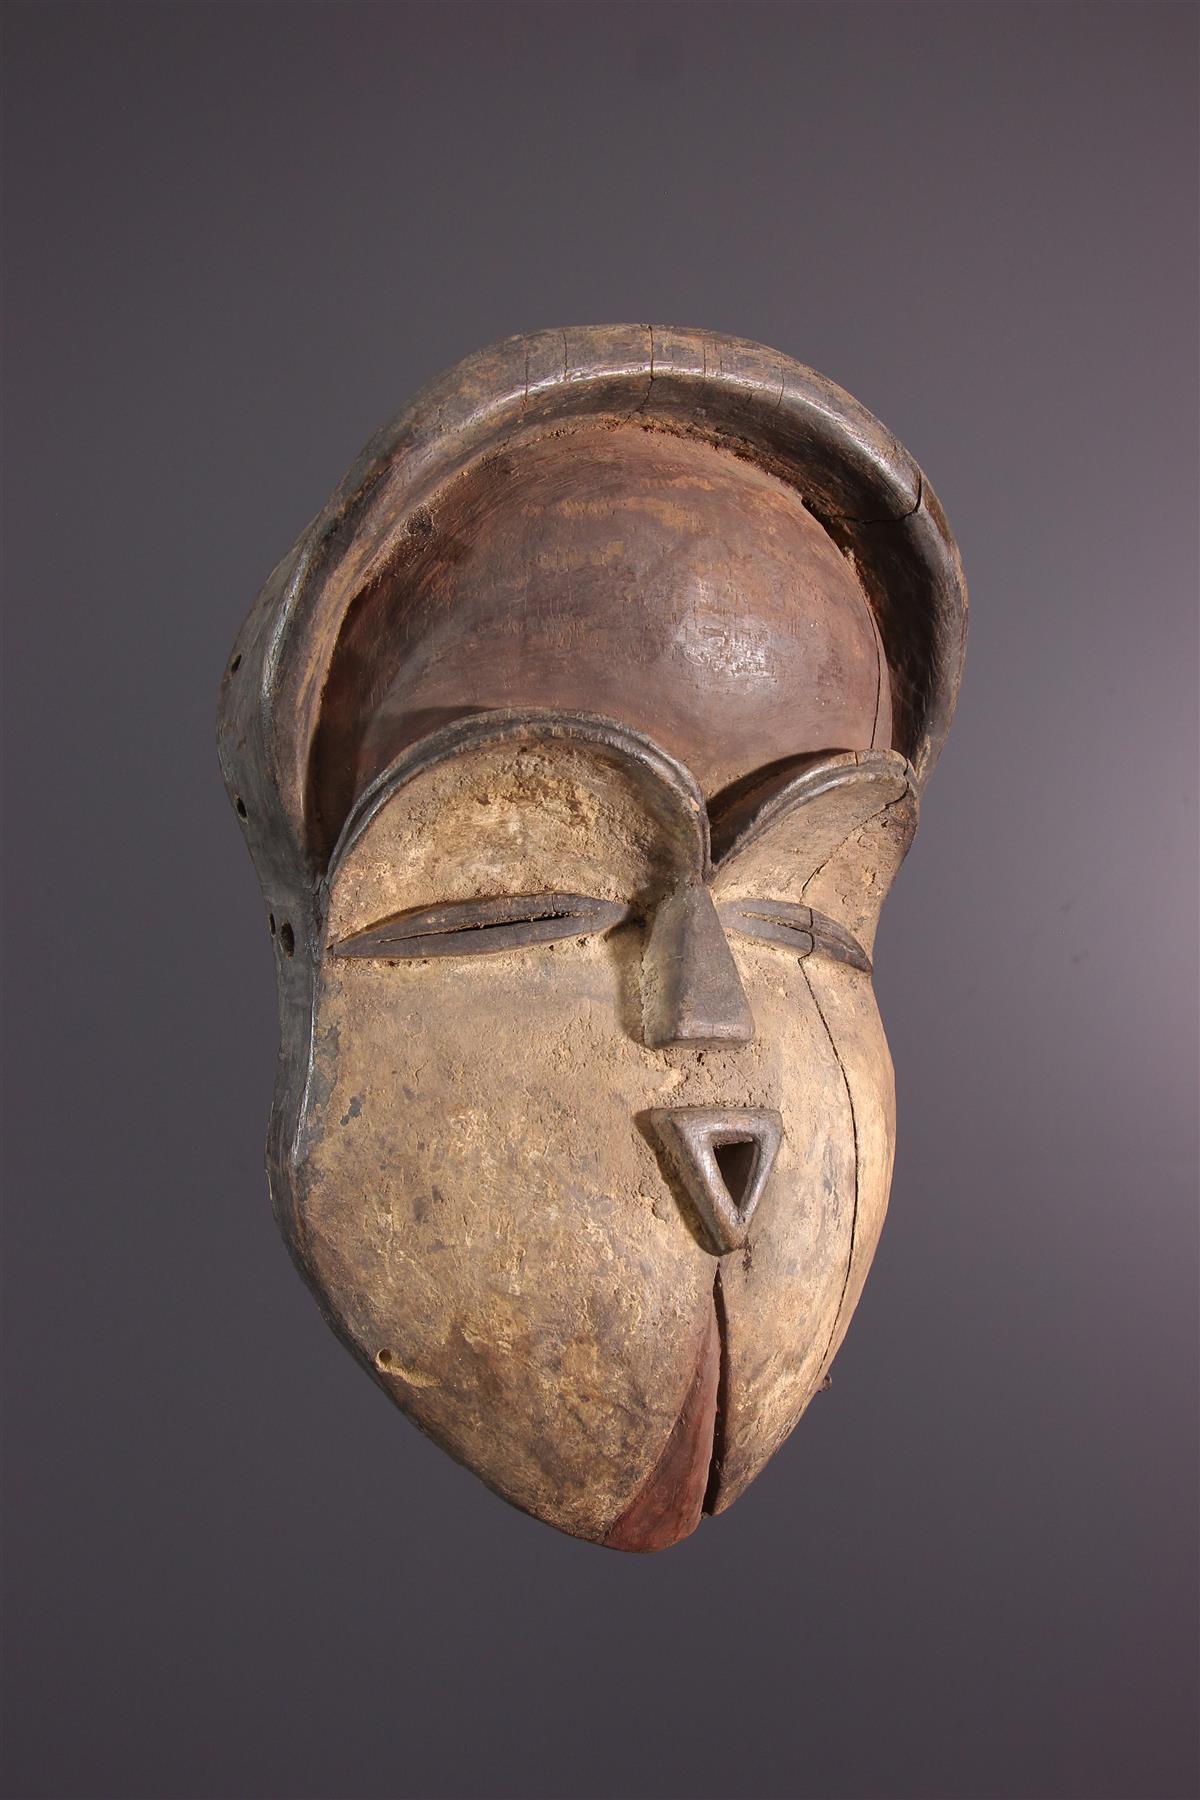 Vuvi masker - Afrikaanse kunst